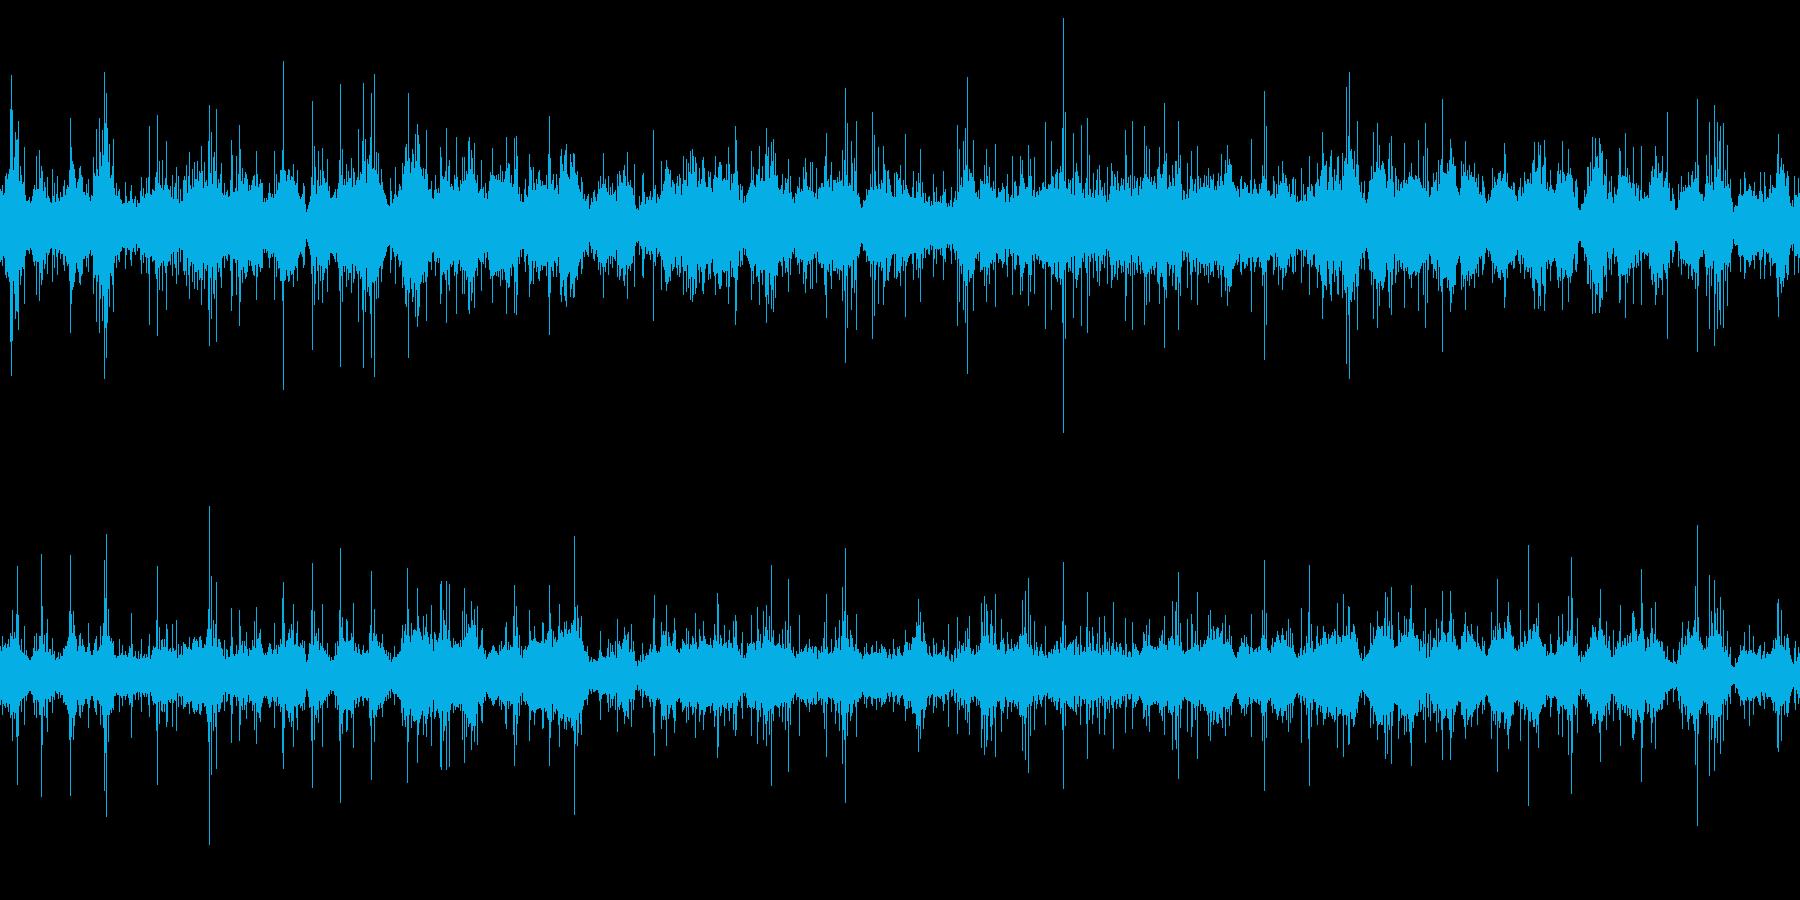 環境音「サラサラ…」4静かな海の再生済みの波形